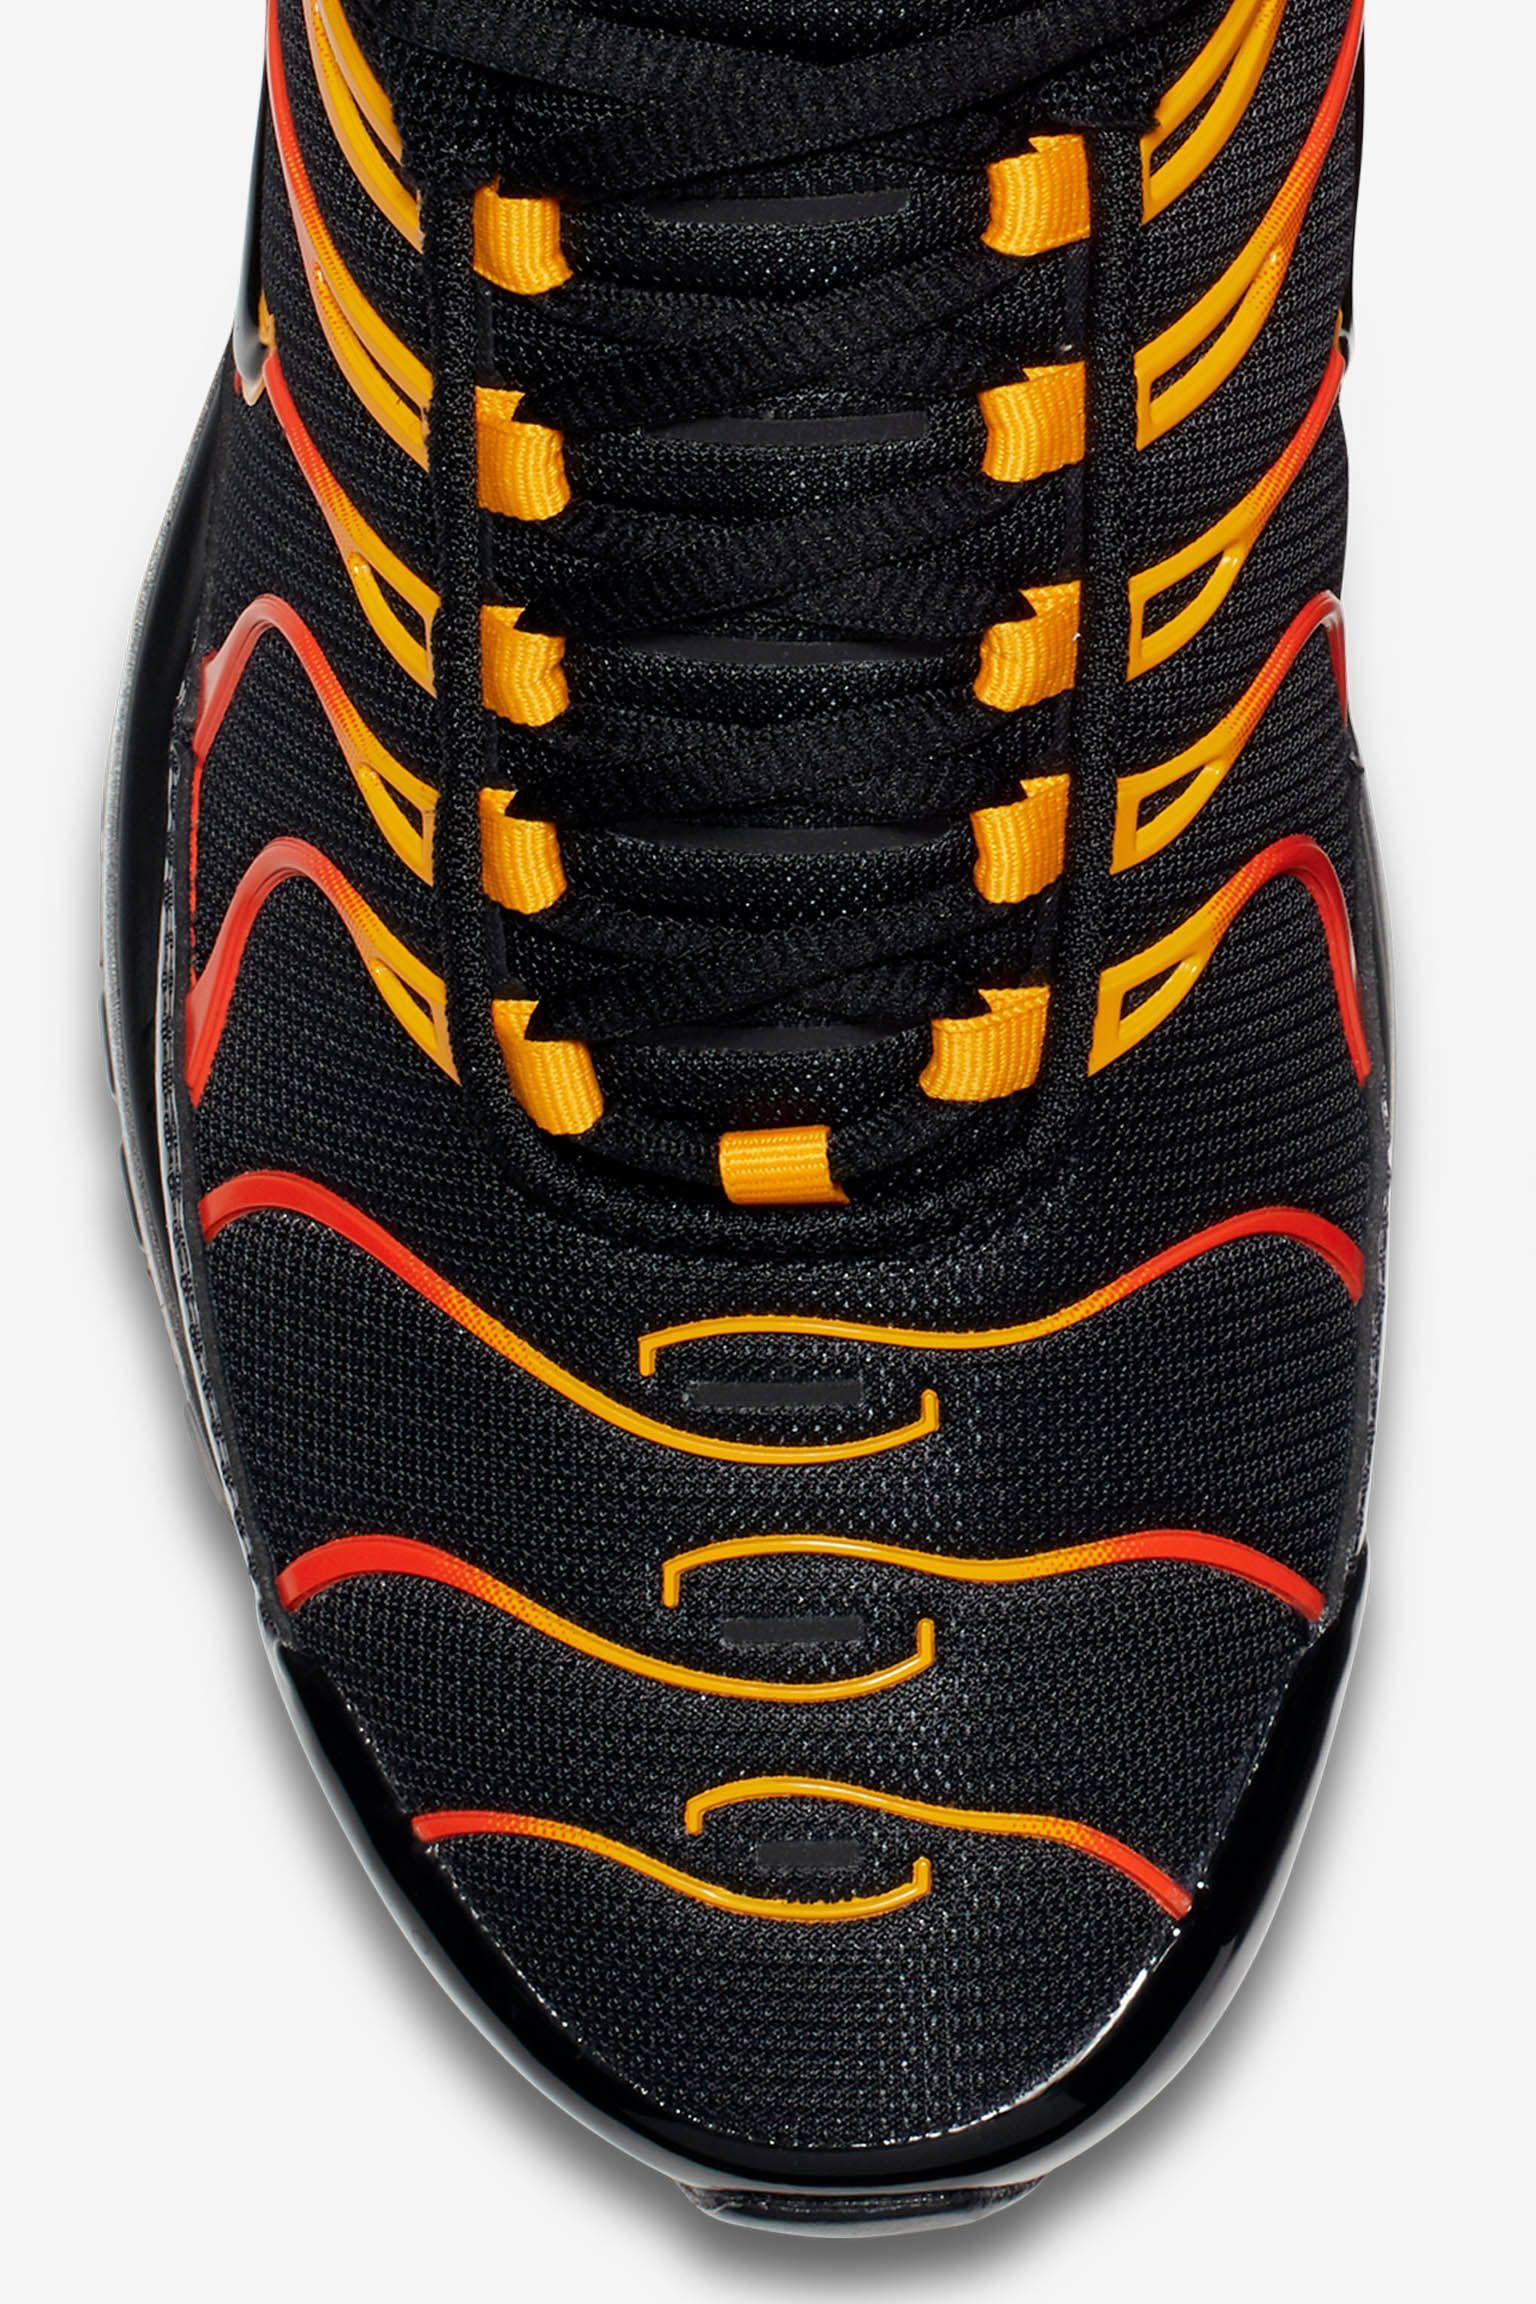 Color Black Black -  Nike Air Max 97 Plus Shock Orange Black Release ... eee2cf7ad